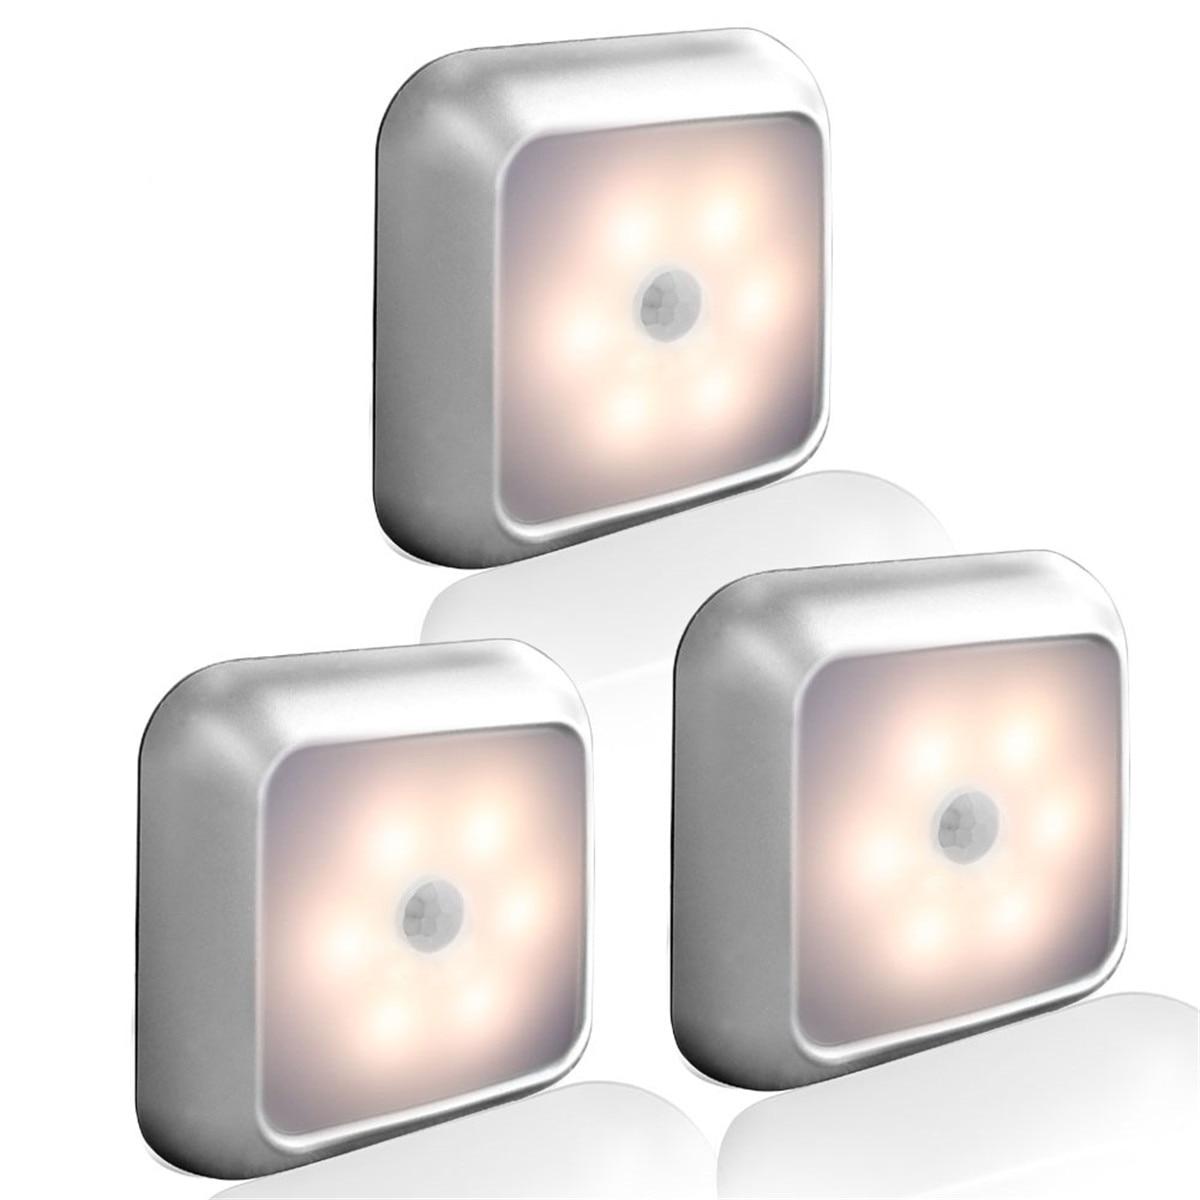 Sensor de movimiento PIR bajo la luz del Gabinete 6Led Smart Auto luz de noche lampadada hogar dormitorio armario cocina armario Luz Anillos cuadrados Circel, luces de techo para sala de estar, dormitorio, hogar, lámparas de techo Led modernas, accesorios lustre plafonnier, dropshipping